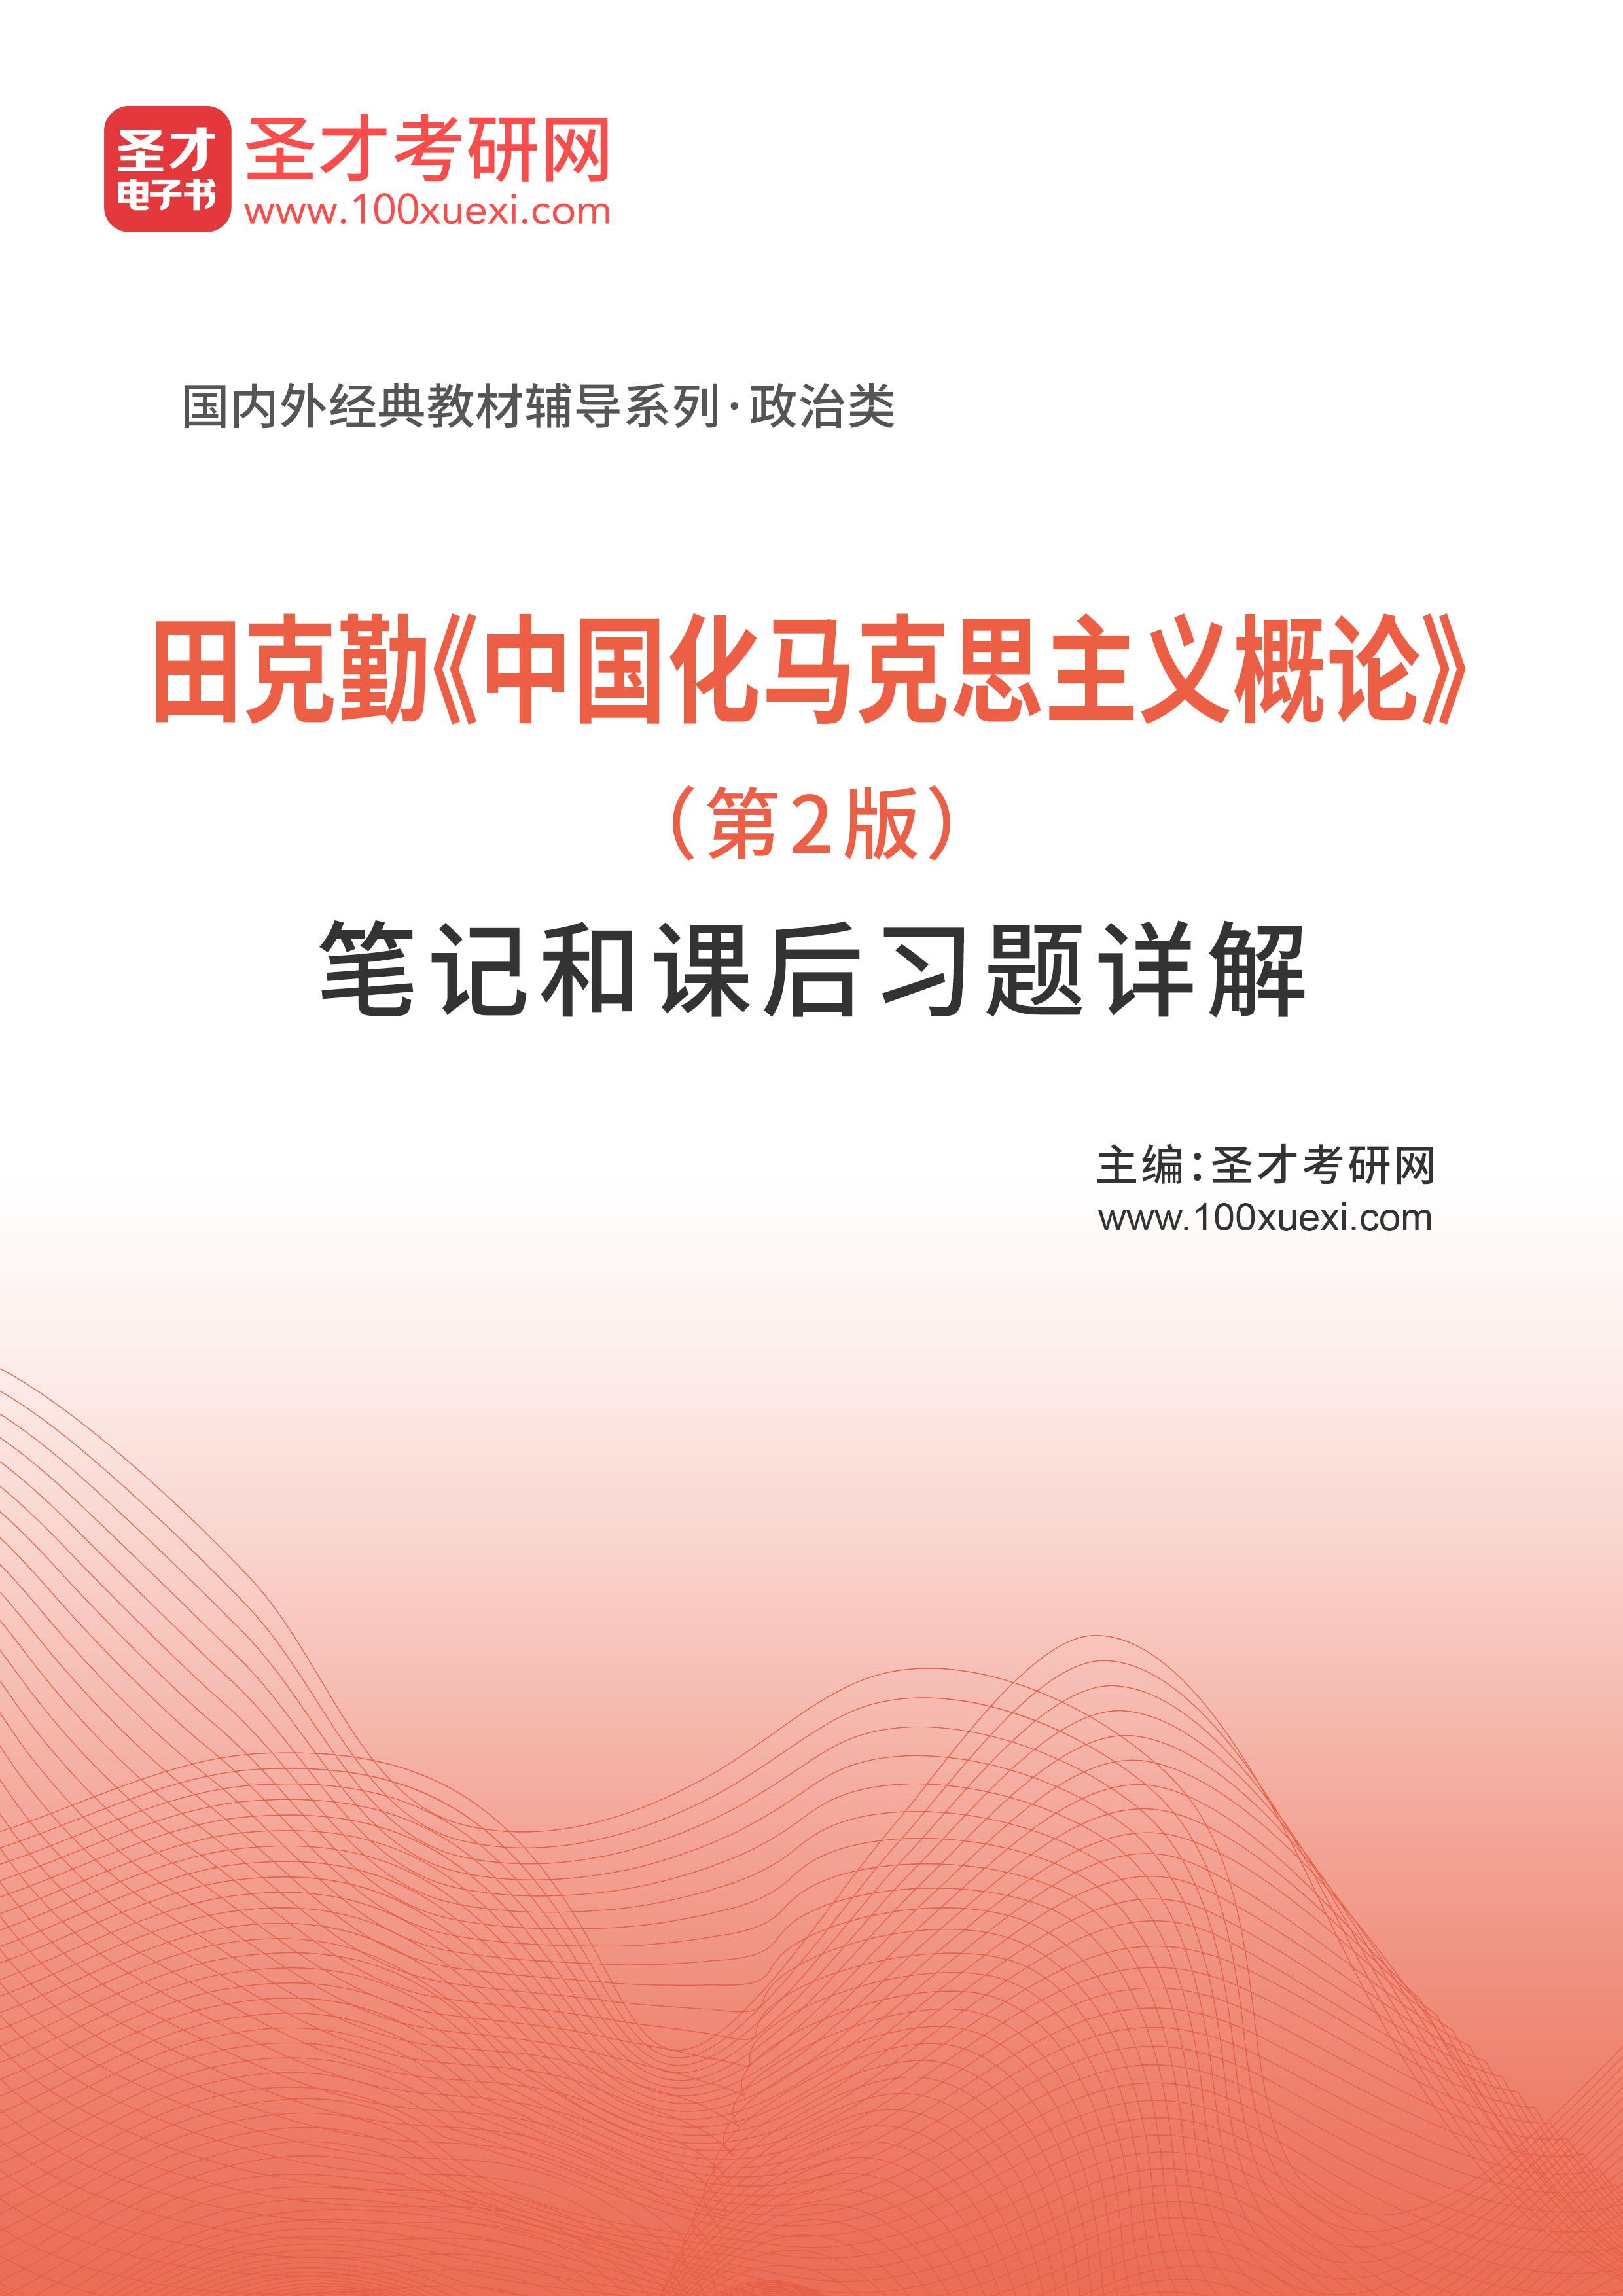 中国化,课后369学习网